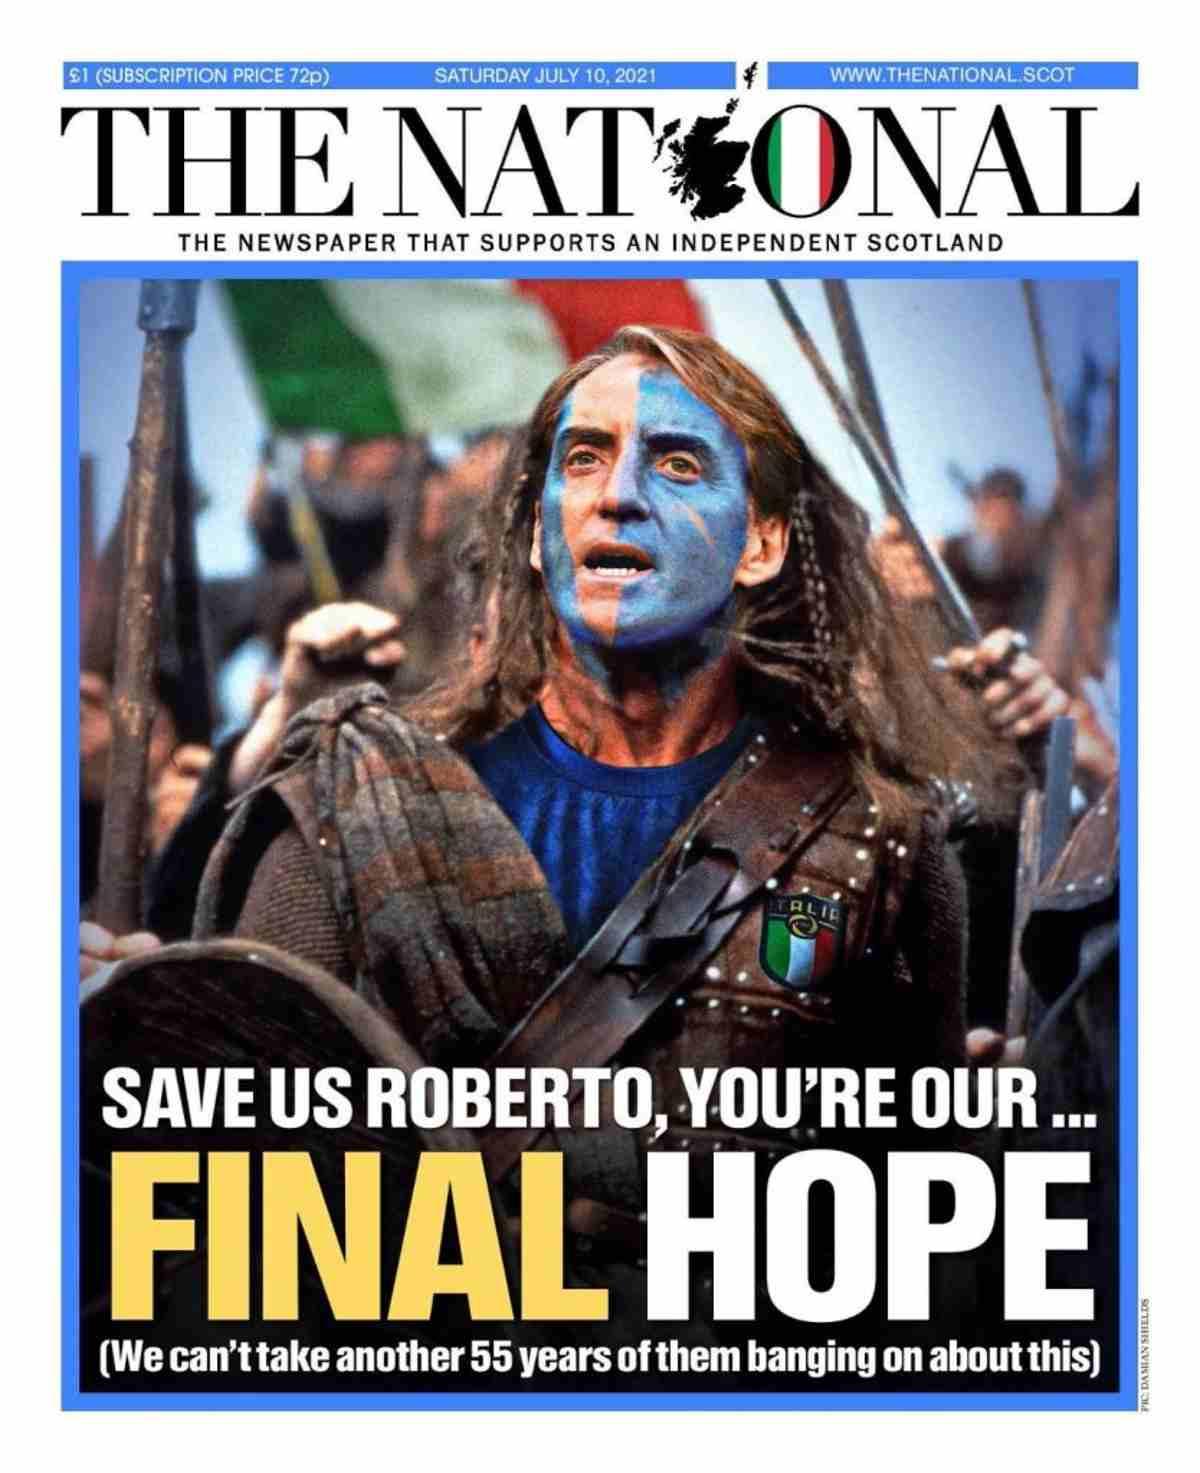 giornale-scozzese-copertina-con-mancini-roberto-save-us